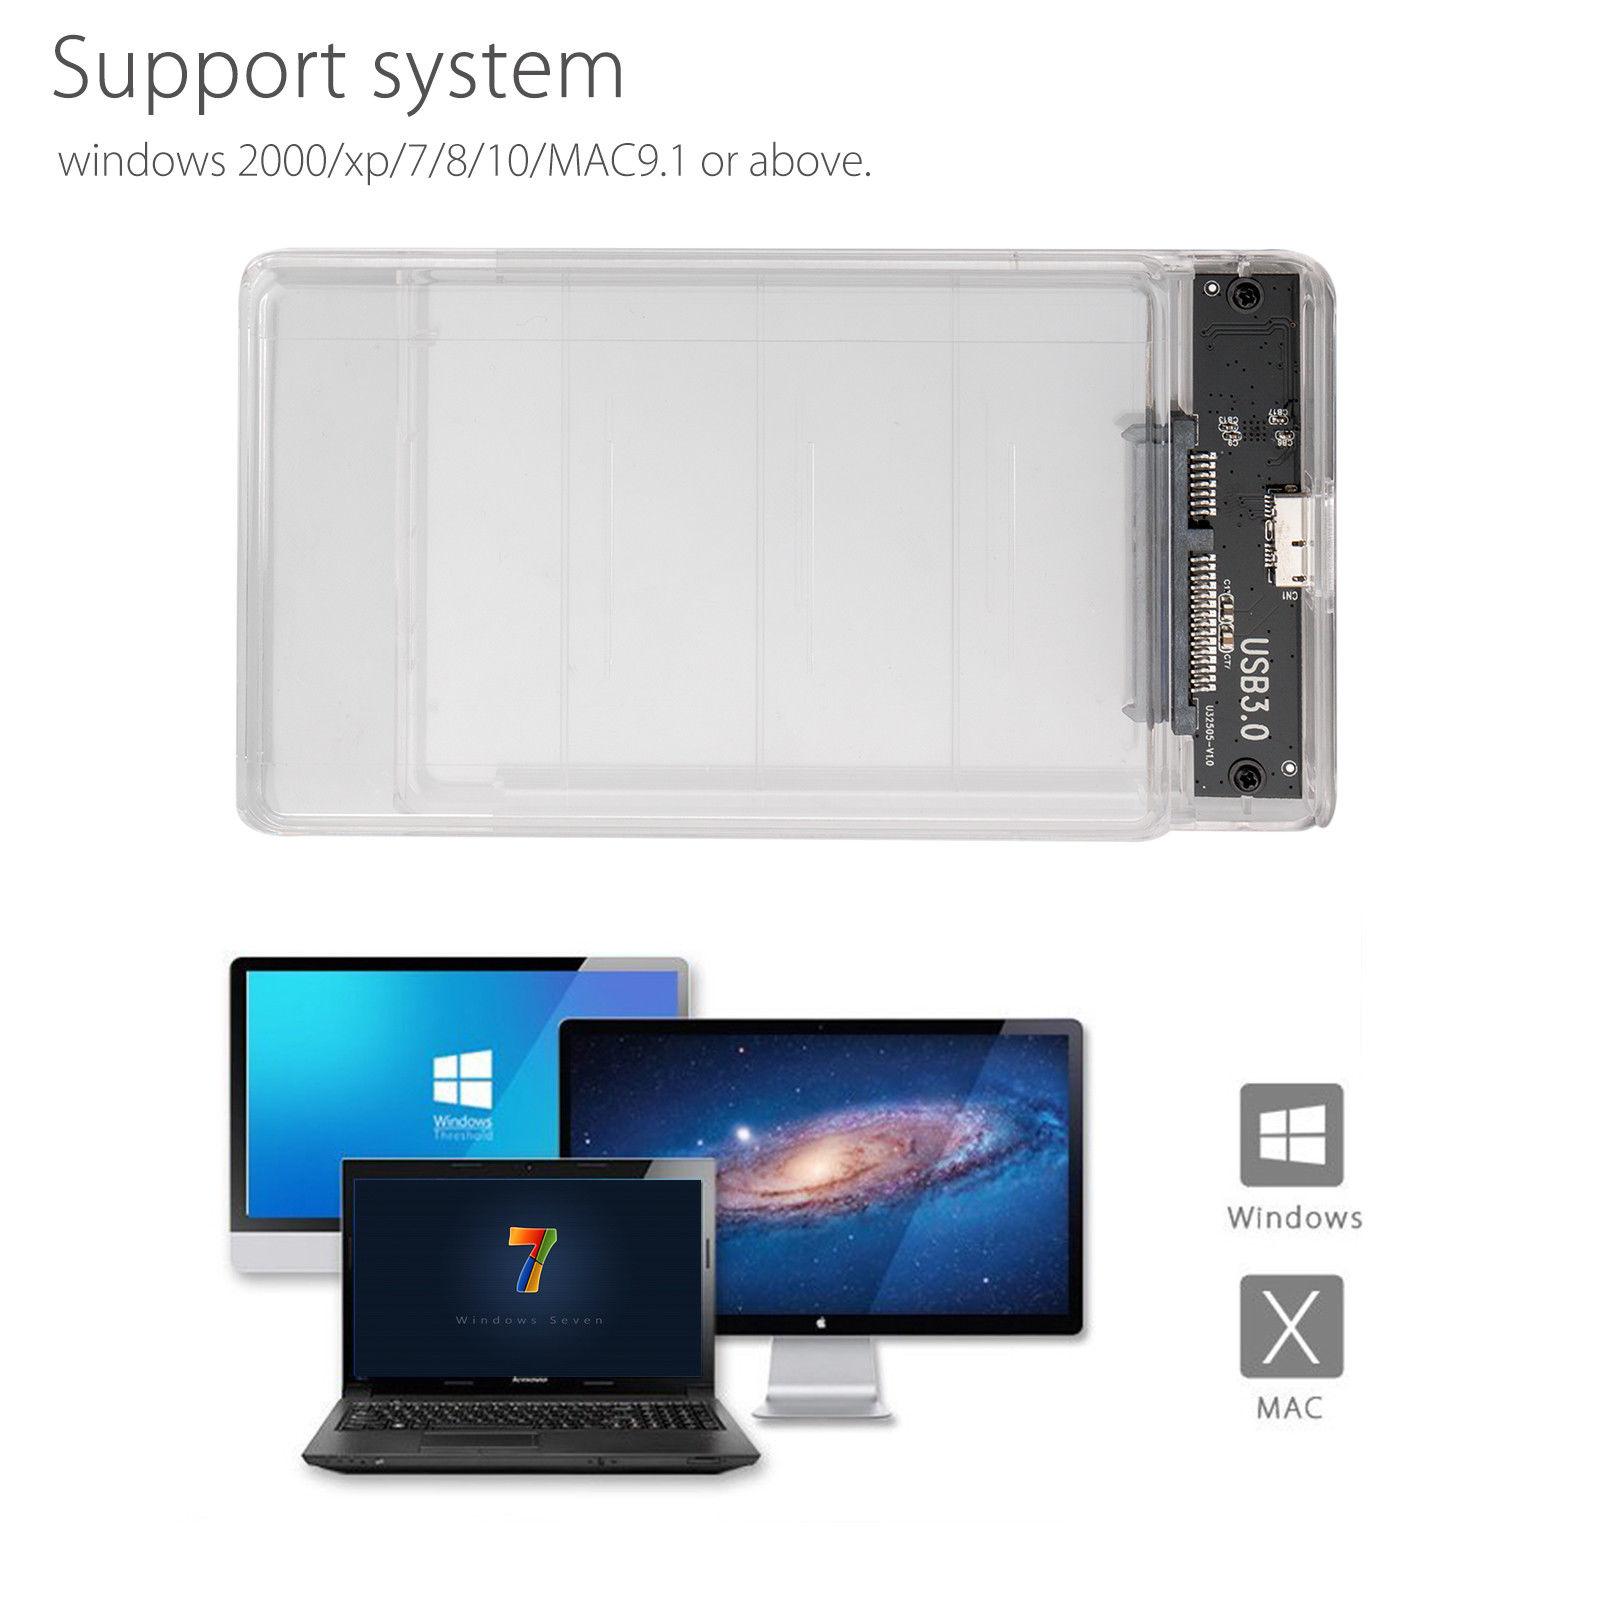 Daftar Harga Cassing Hardisk 25 Samsung Usb 20 Case Hdd Laptop Pouch Harddisk External Inch Led Sata 30 Hard Drive Enclosure Ssd Disk